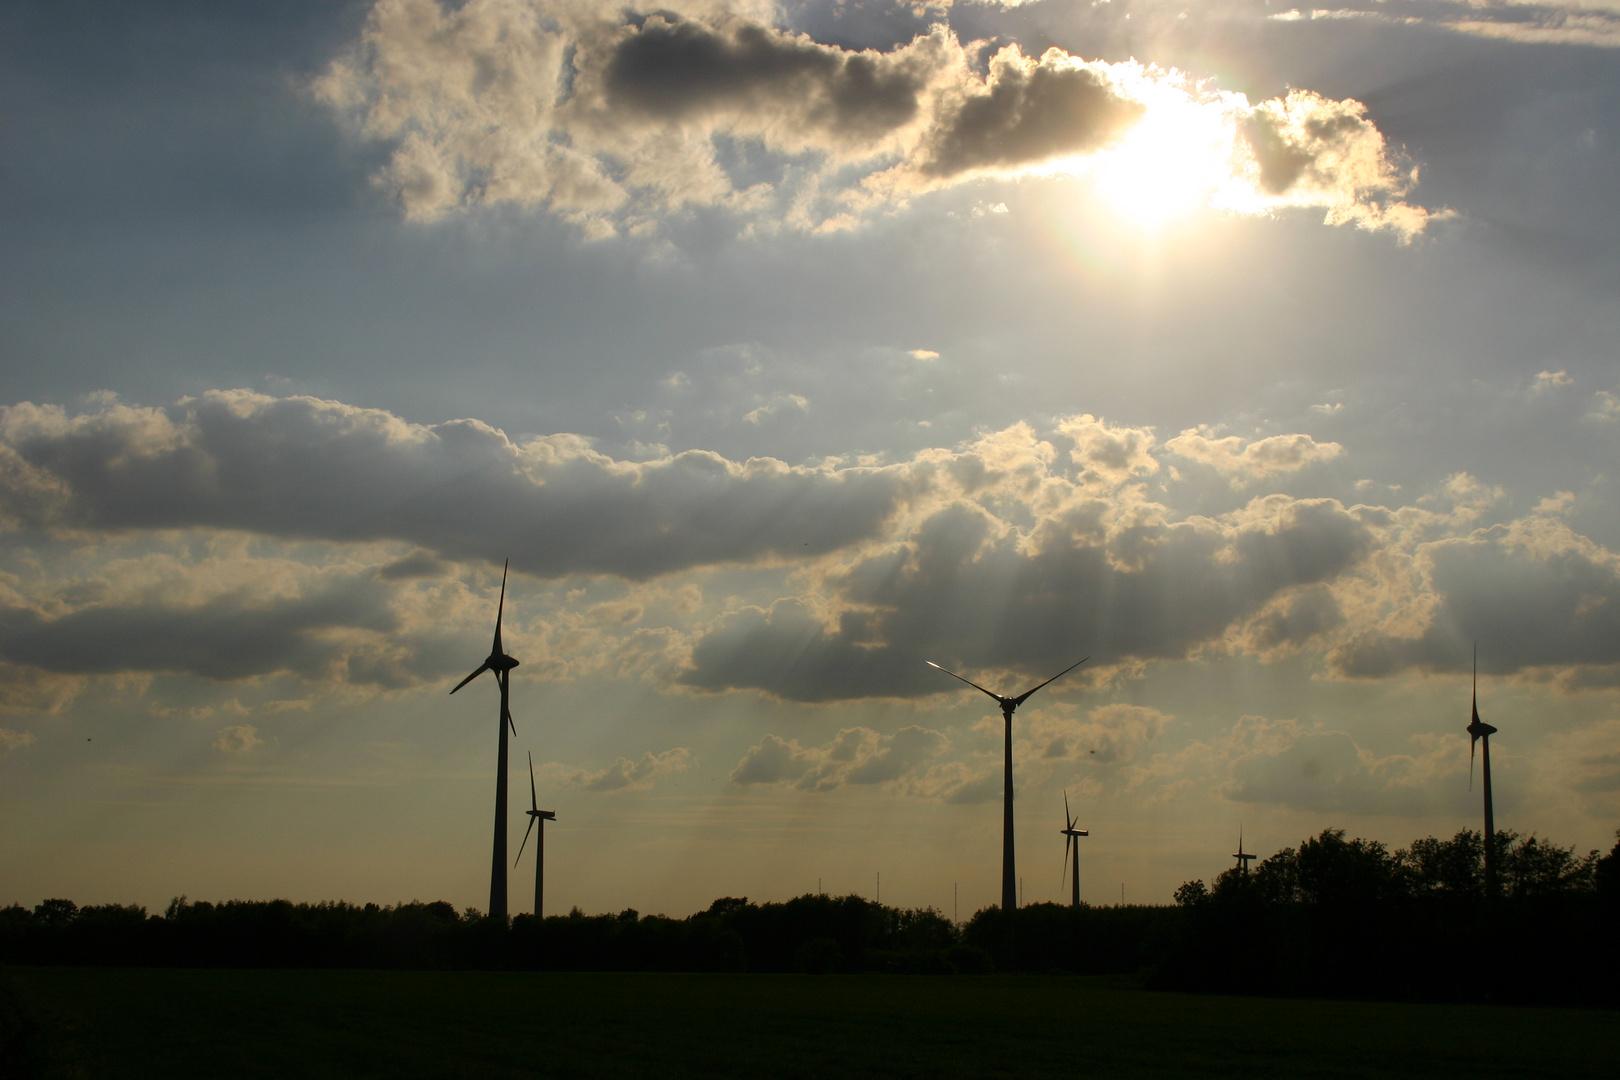 Windkraft vs Sonnenenergy